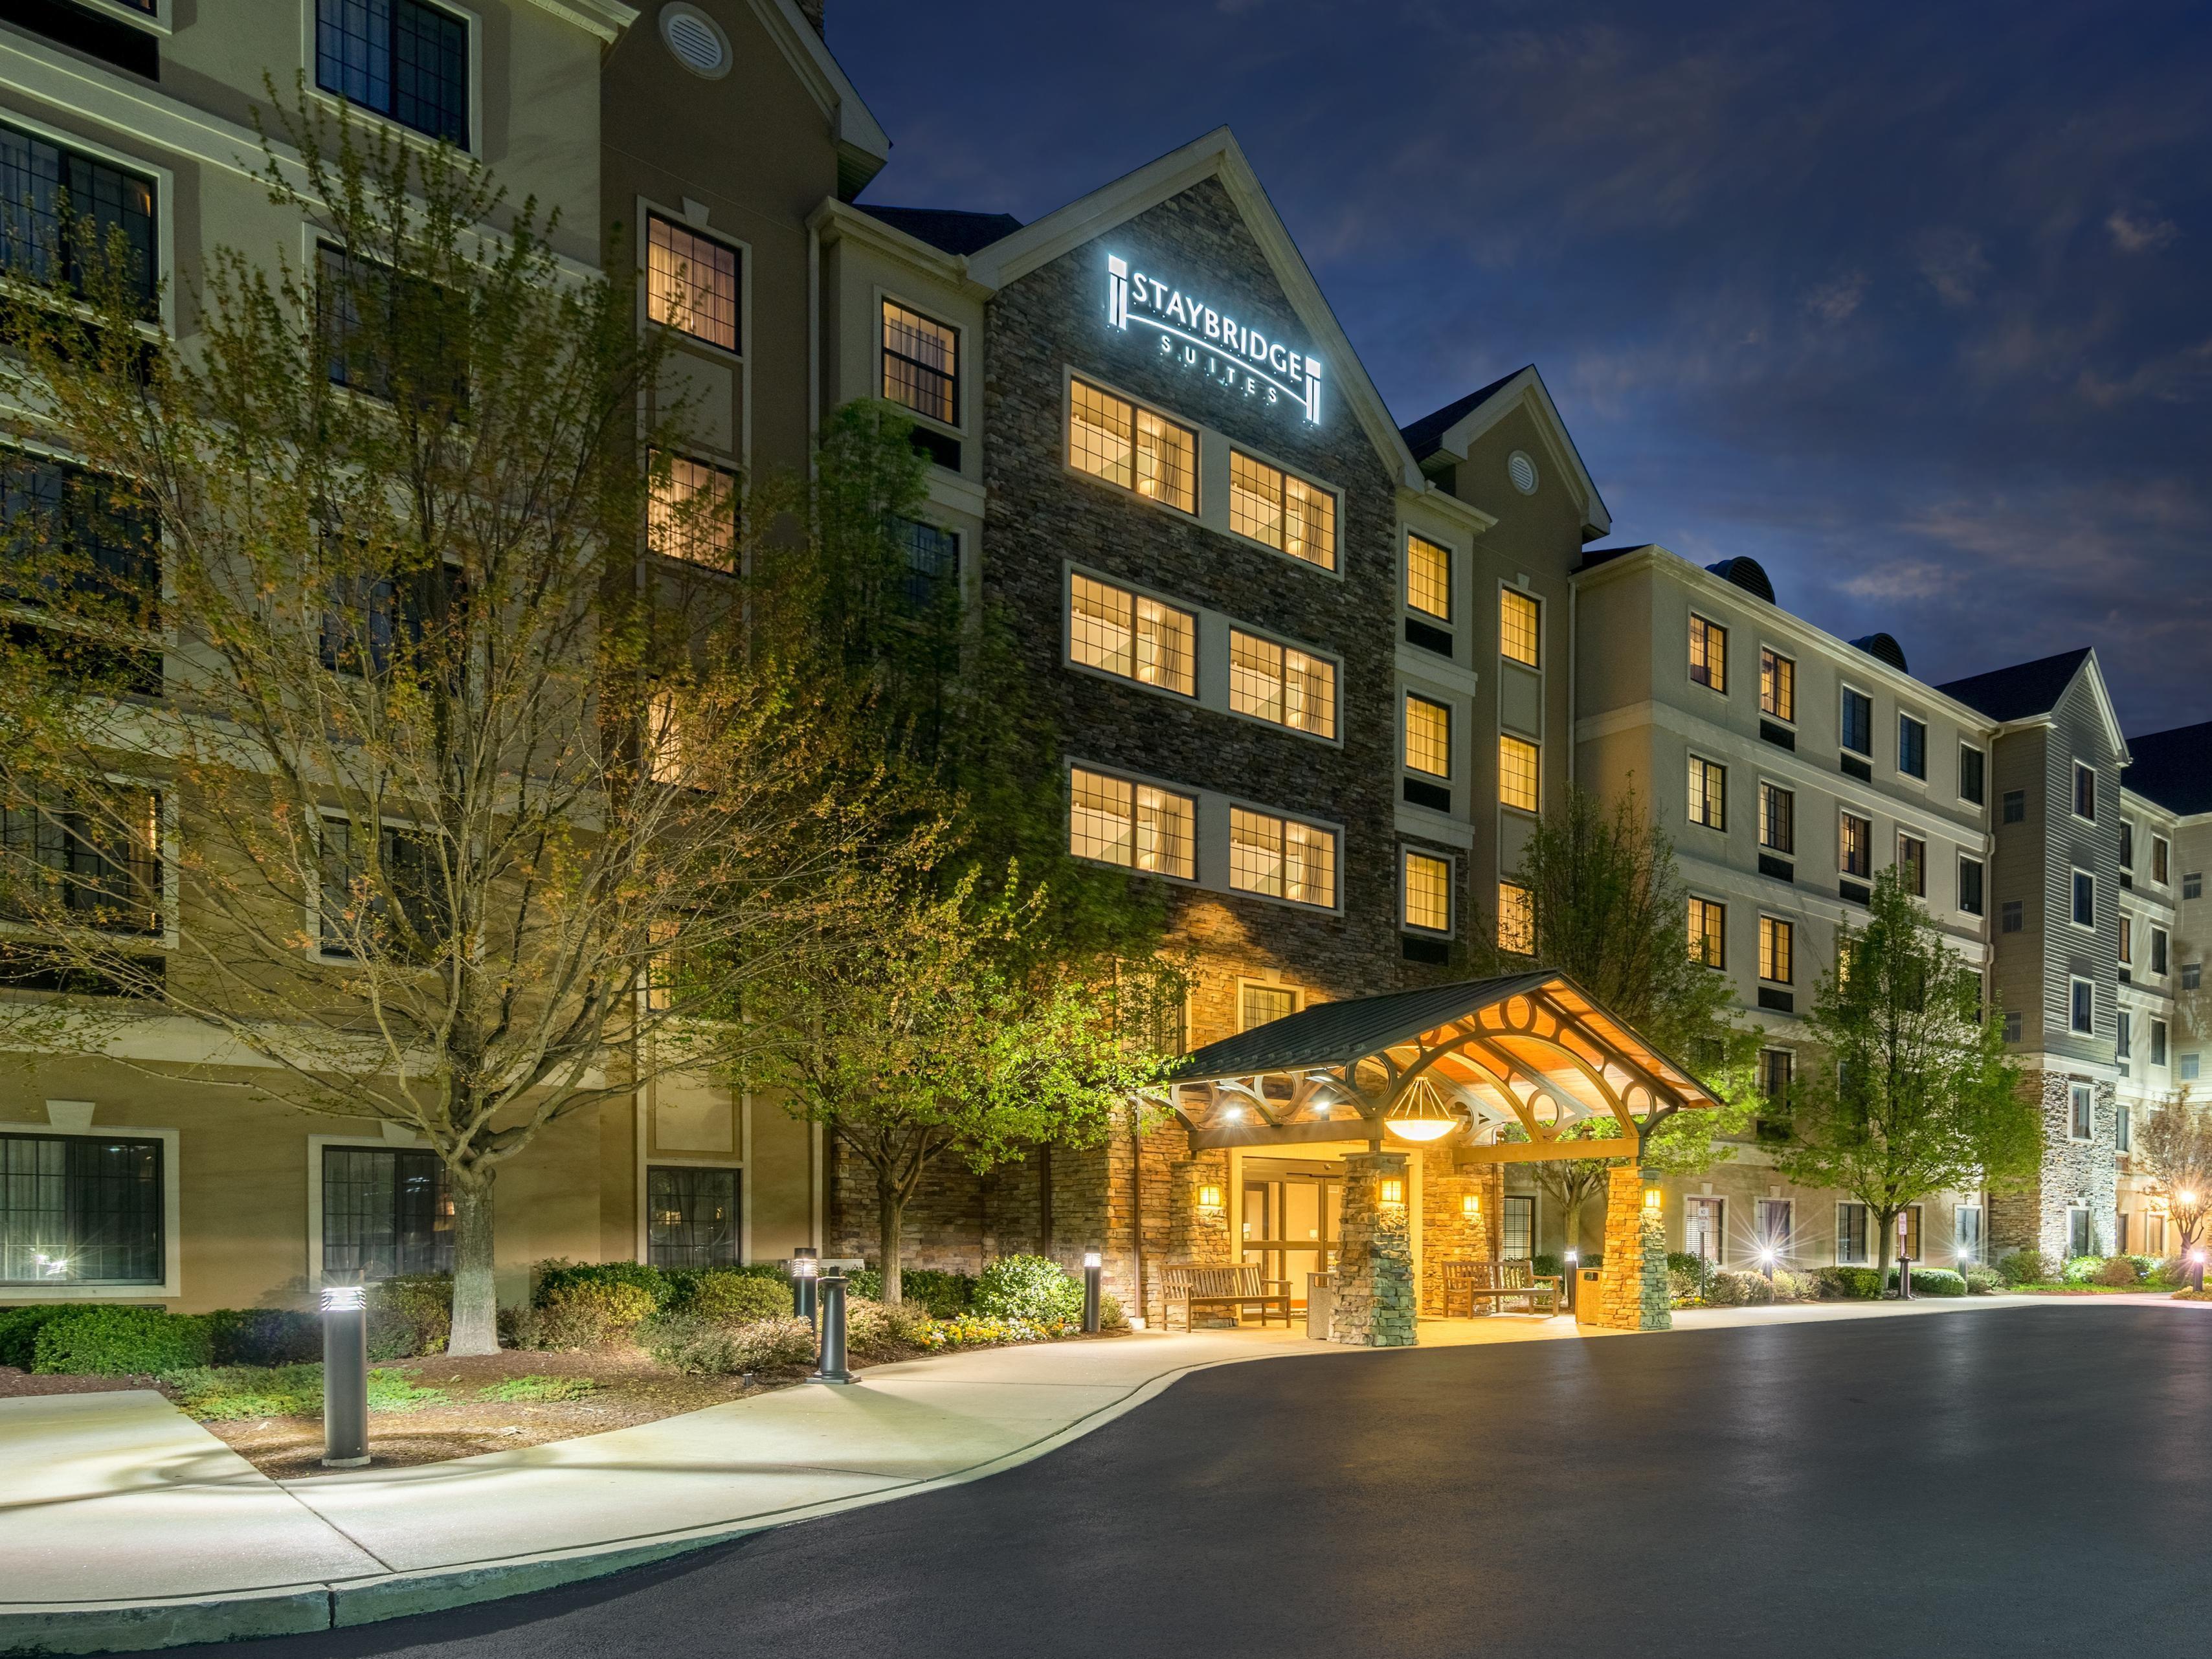 hotels near st joseph s university in philadelphia pennsylvania